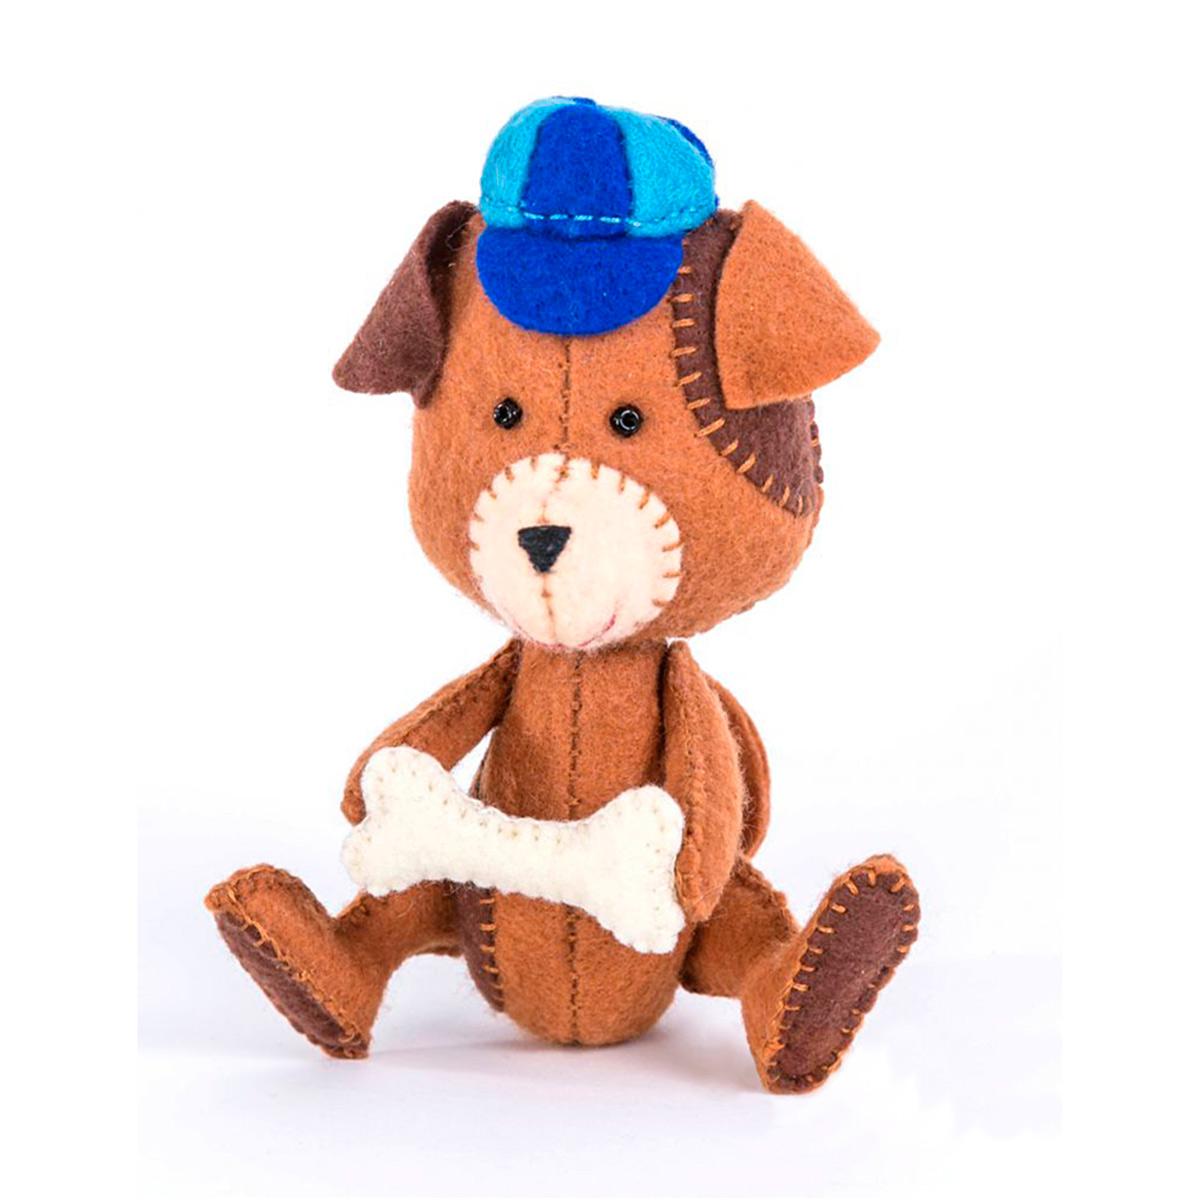 ПФД-1053 Набор для изготовления текстильной игрушки серия Детки 'Щенок'